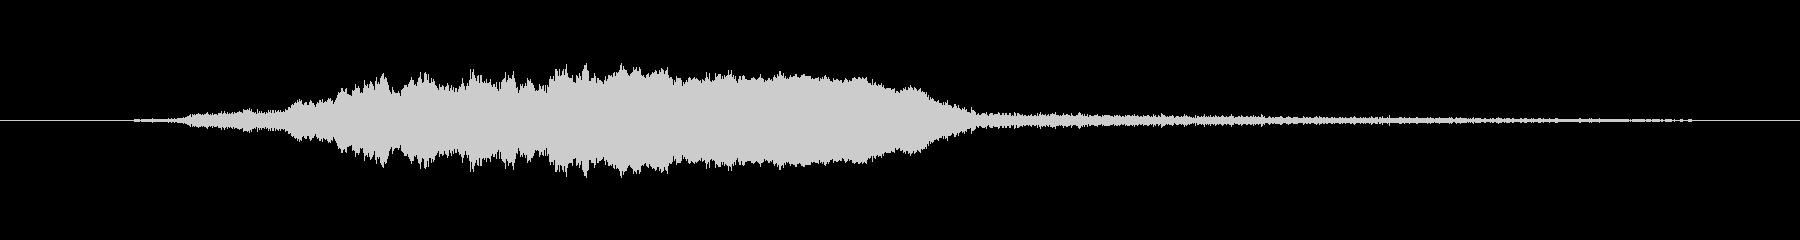 「ヒュイーン(コミカルな音)」の未再生の波形